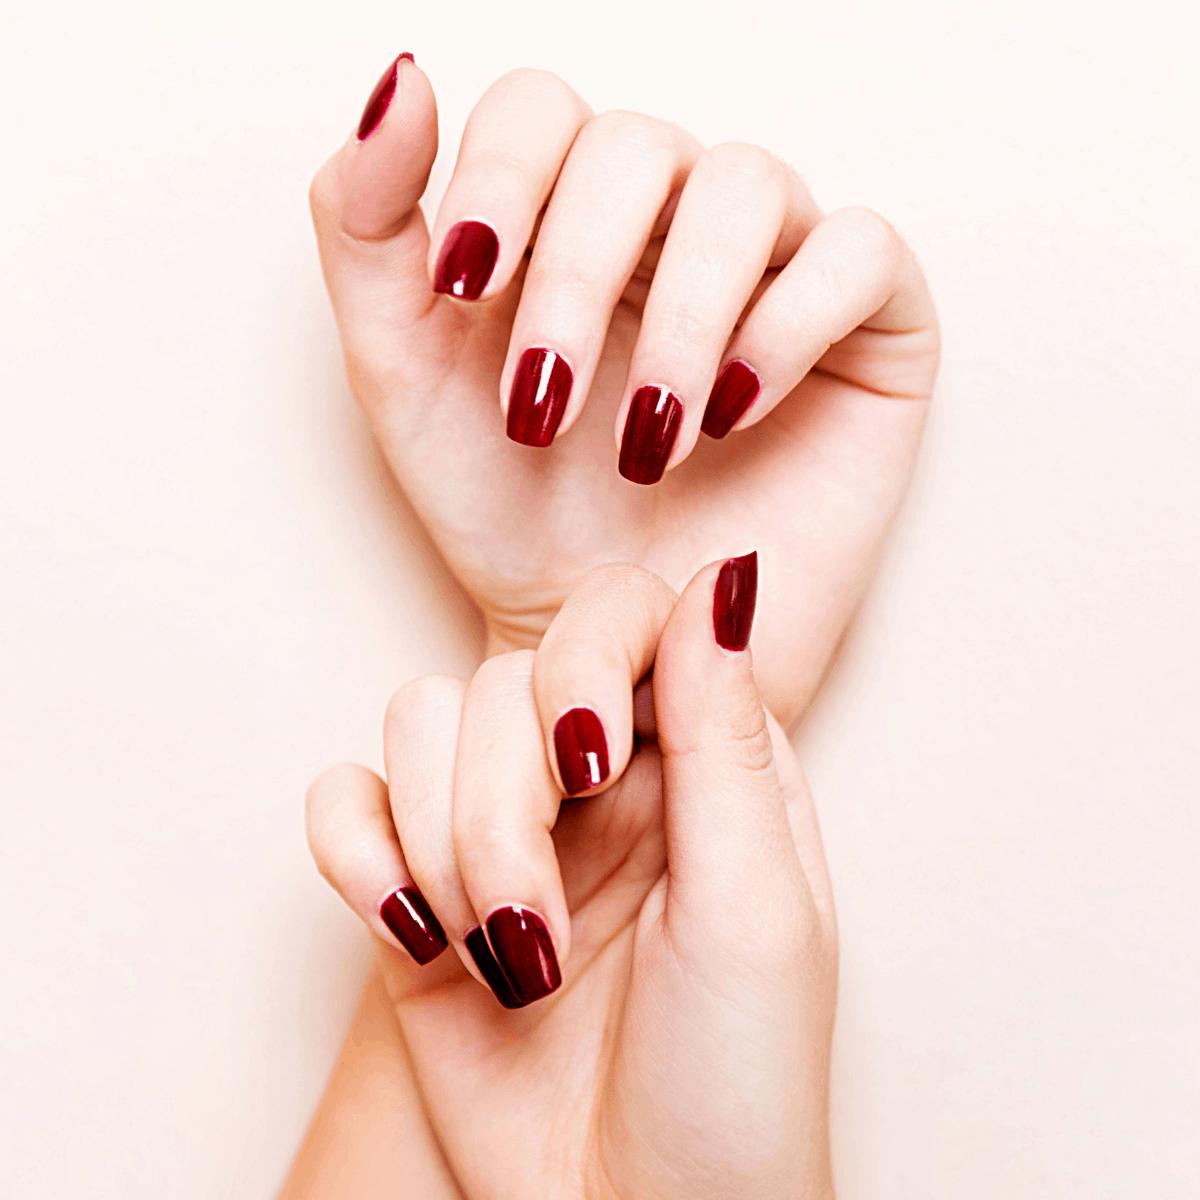 Aryclic Nails Alternatives